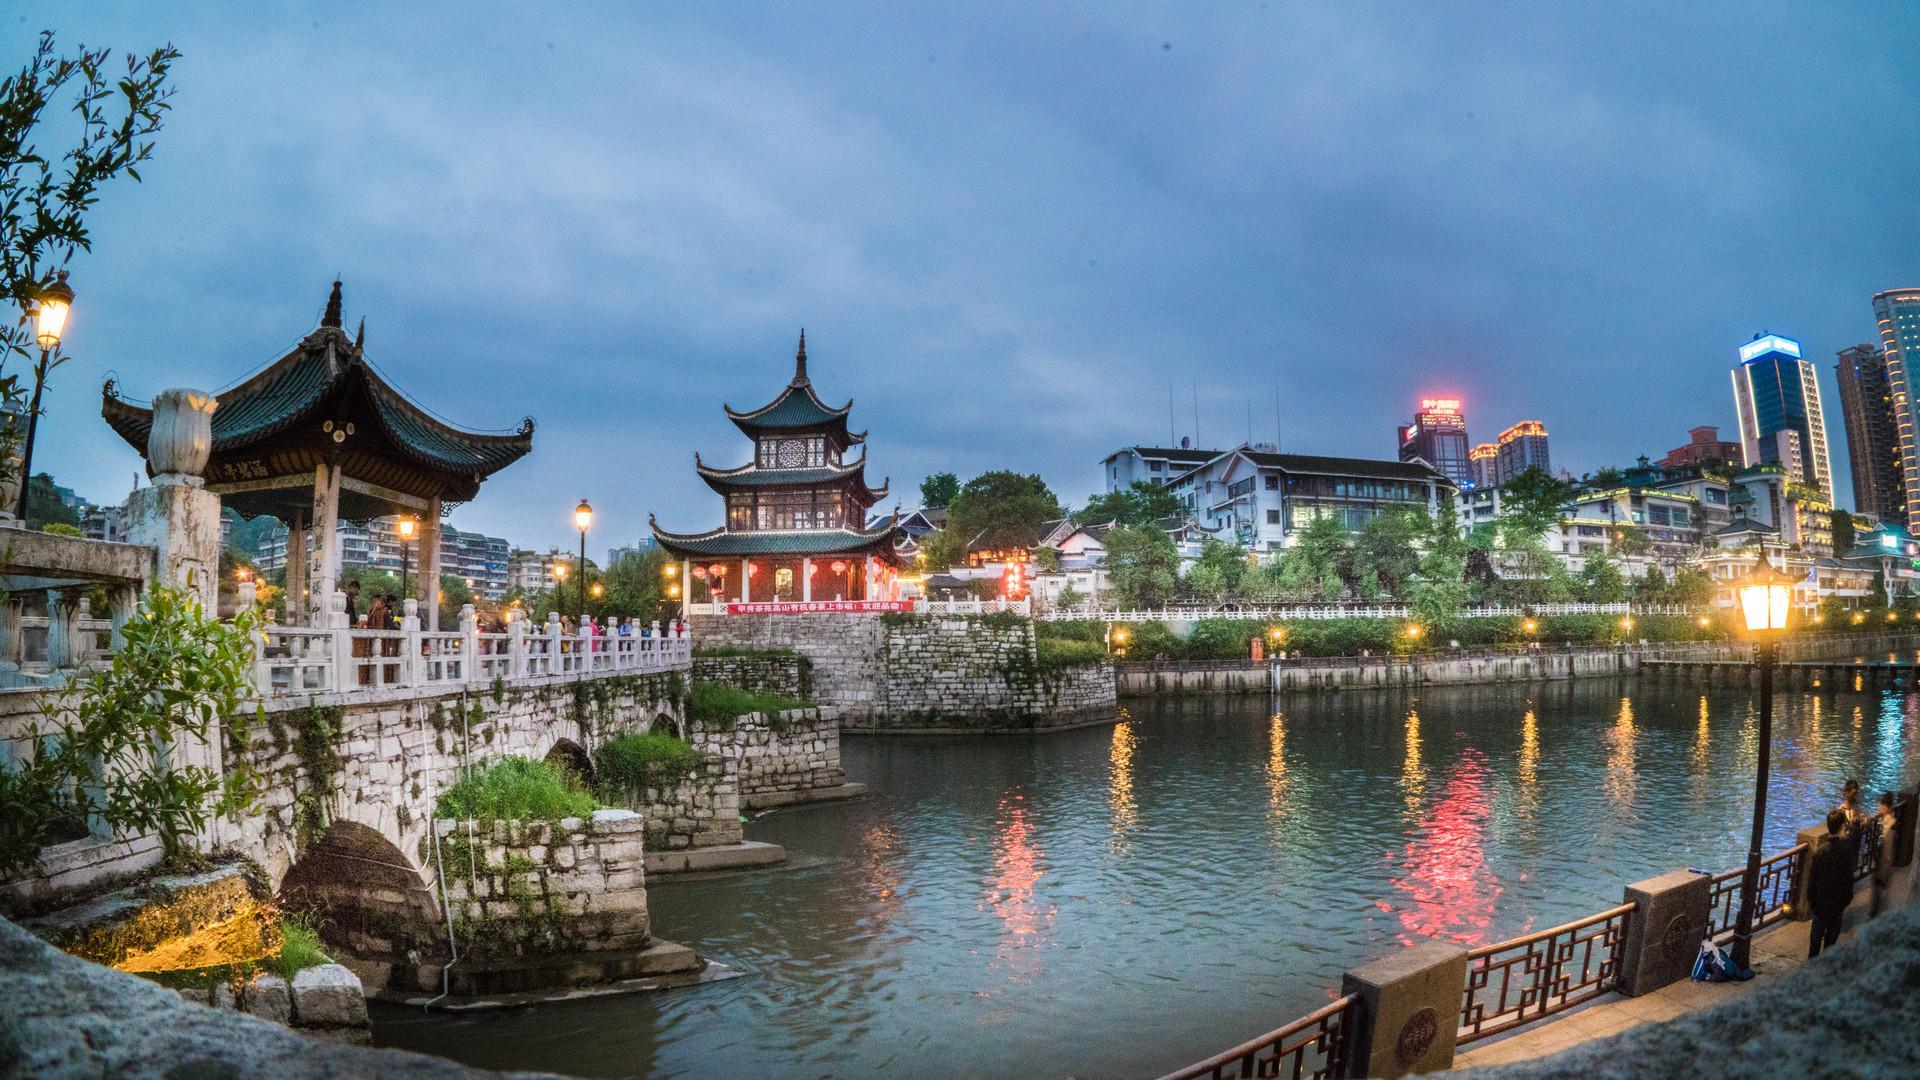 原创             贵阳最知名的一座古楼,建在河中一块石头上,免费开放